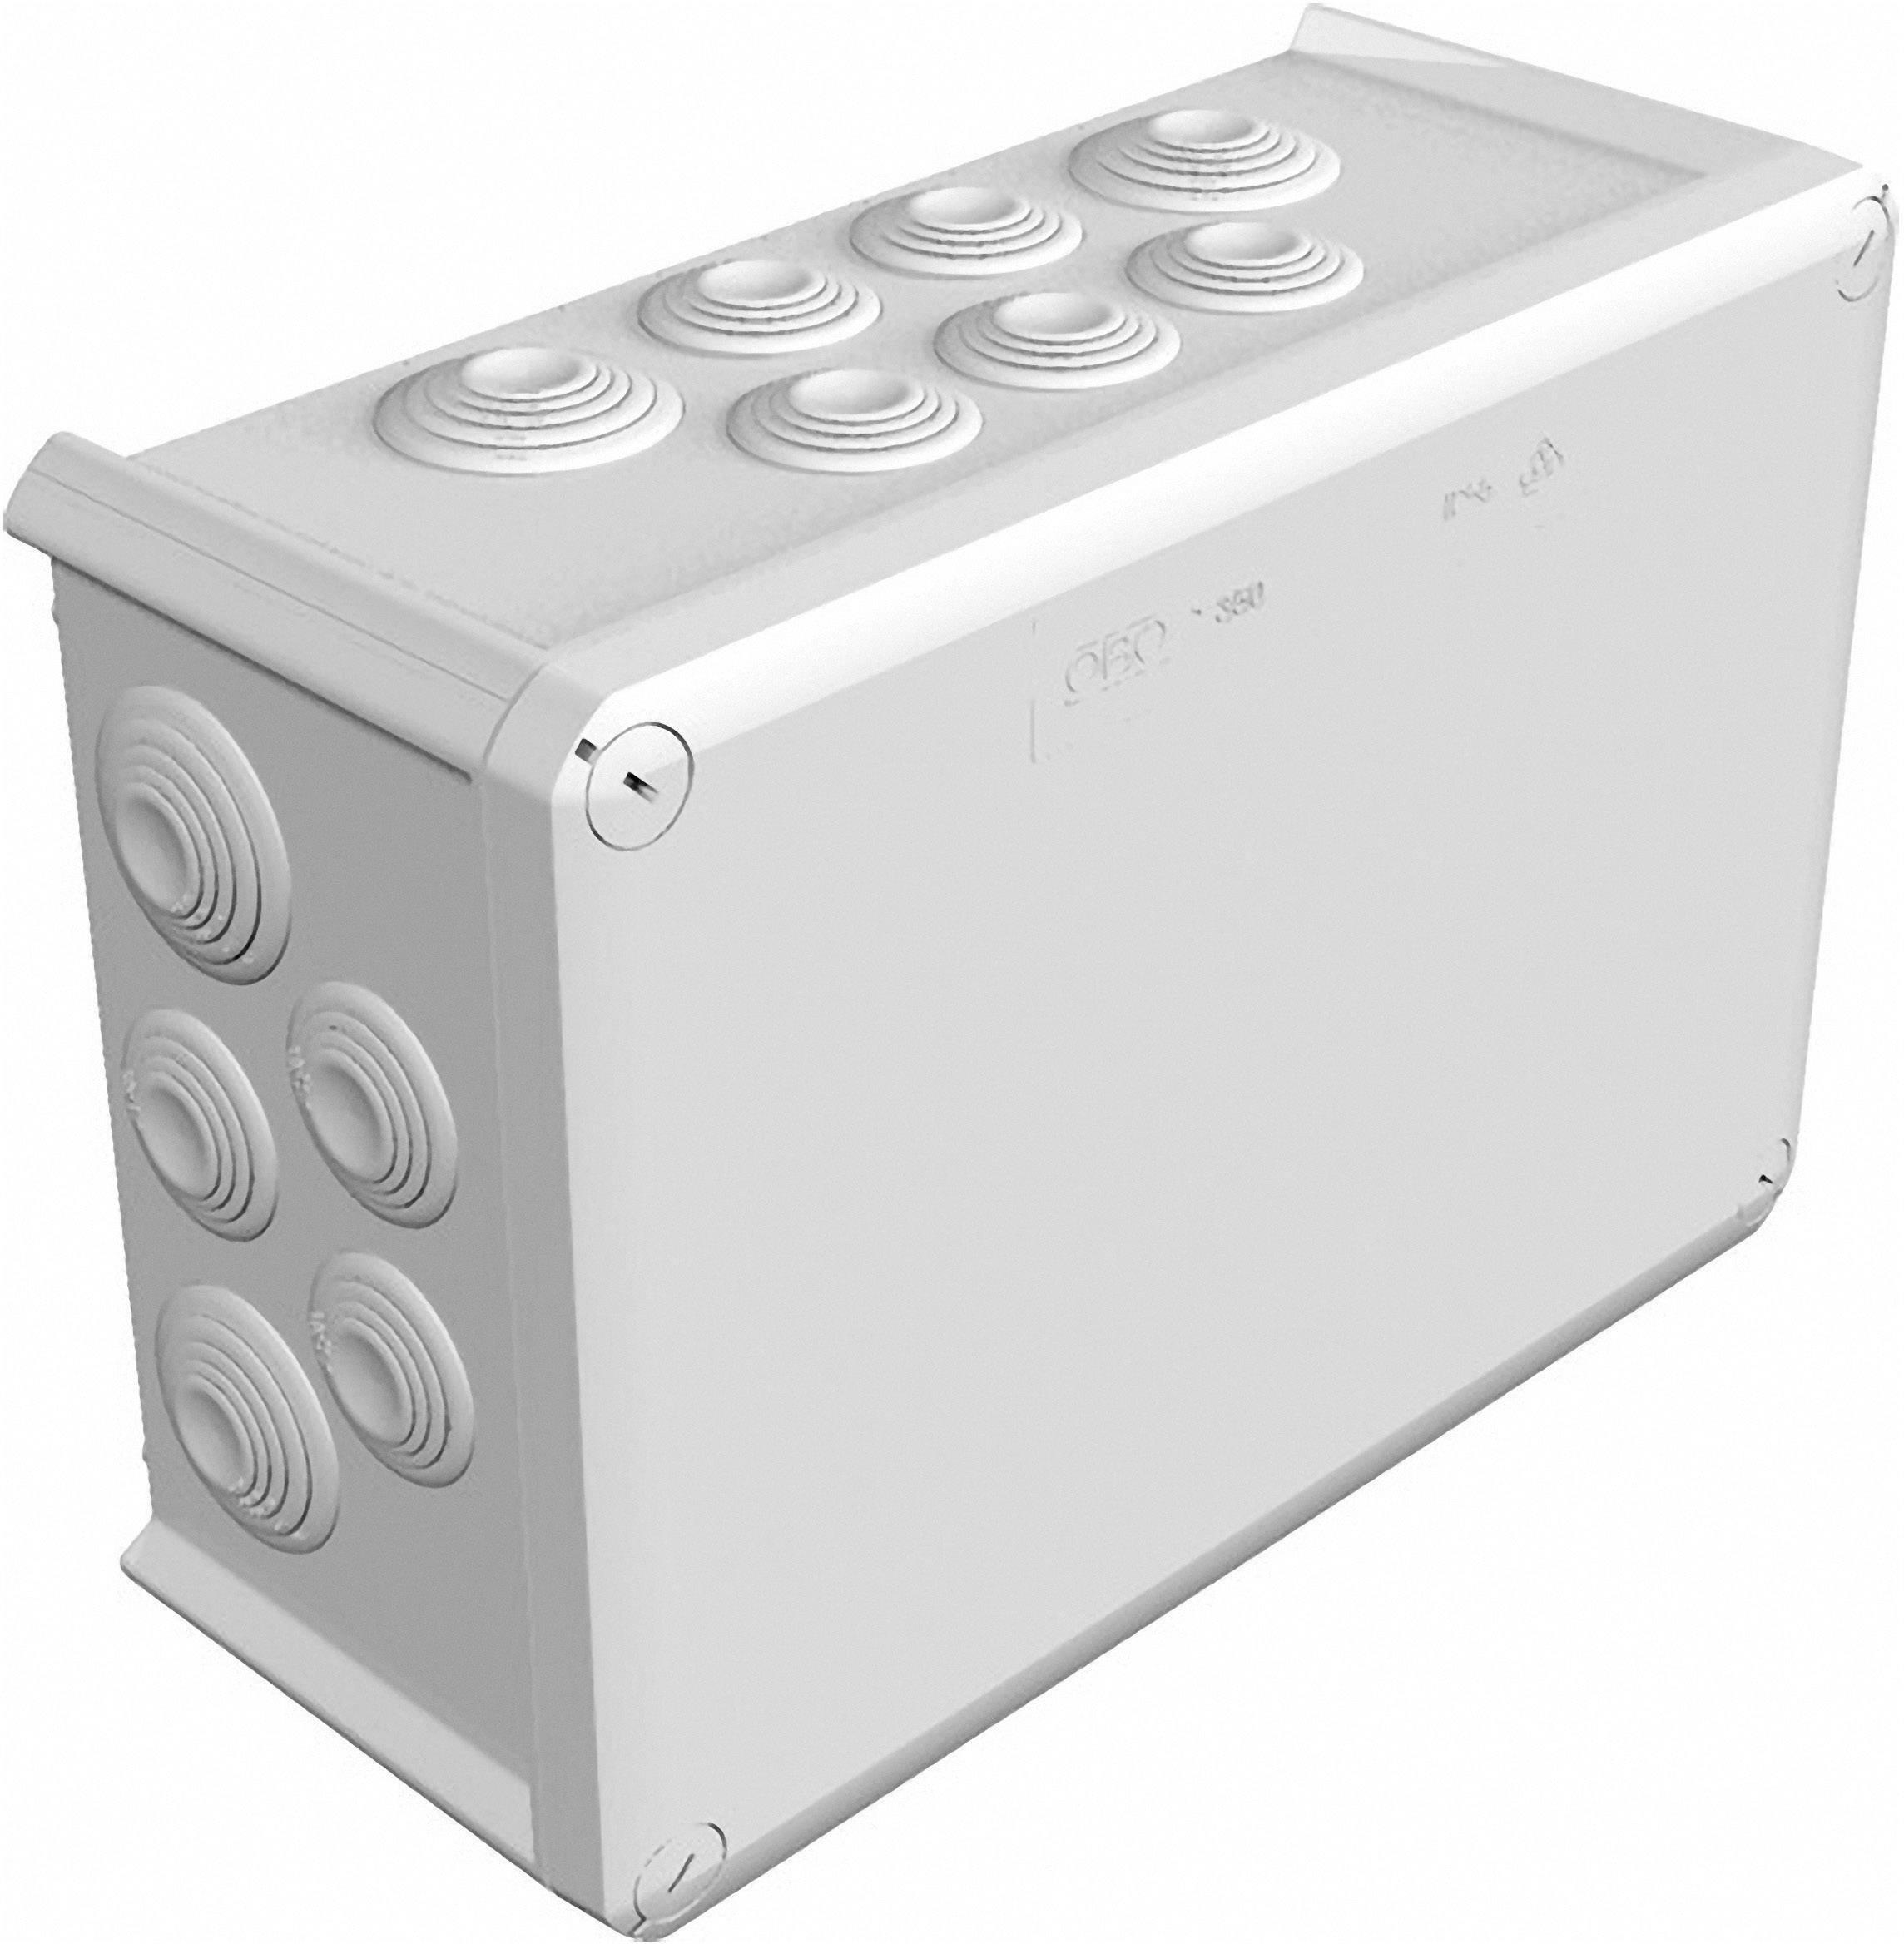 Rozbočovacia krabica OBO Betternann T350, IP66, 285x 201x 120 mm, svetlo sivá, 2007125